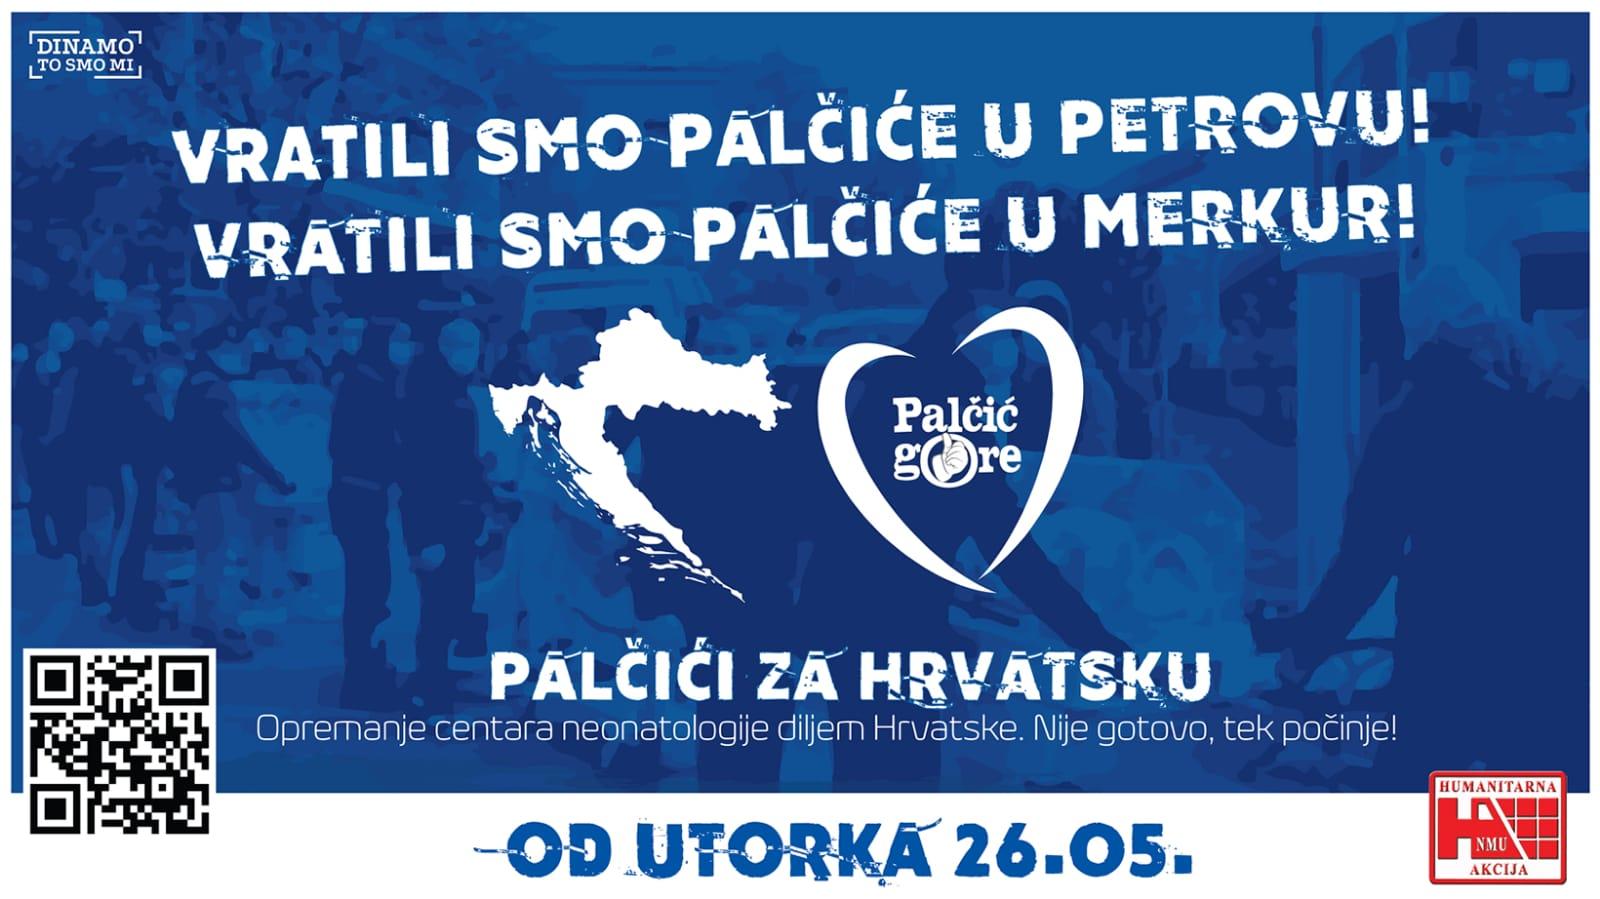 """U podne kreće velika nagradna igra: """"Palčići za Hrvatsku"""" uz nevjerovatne sportske uspomene"""